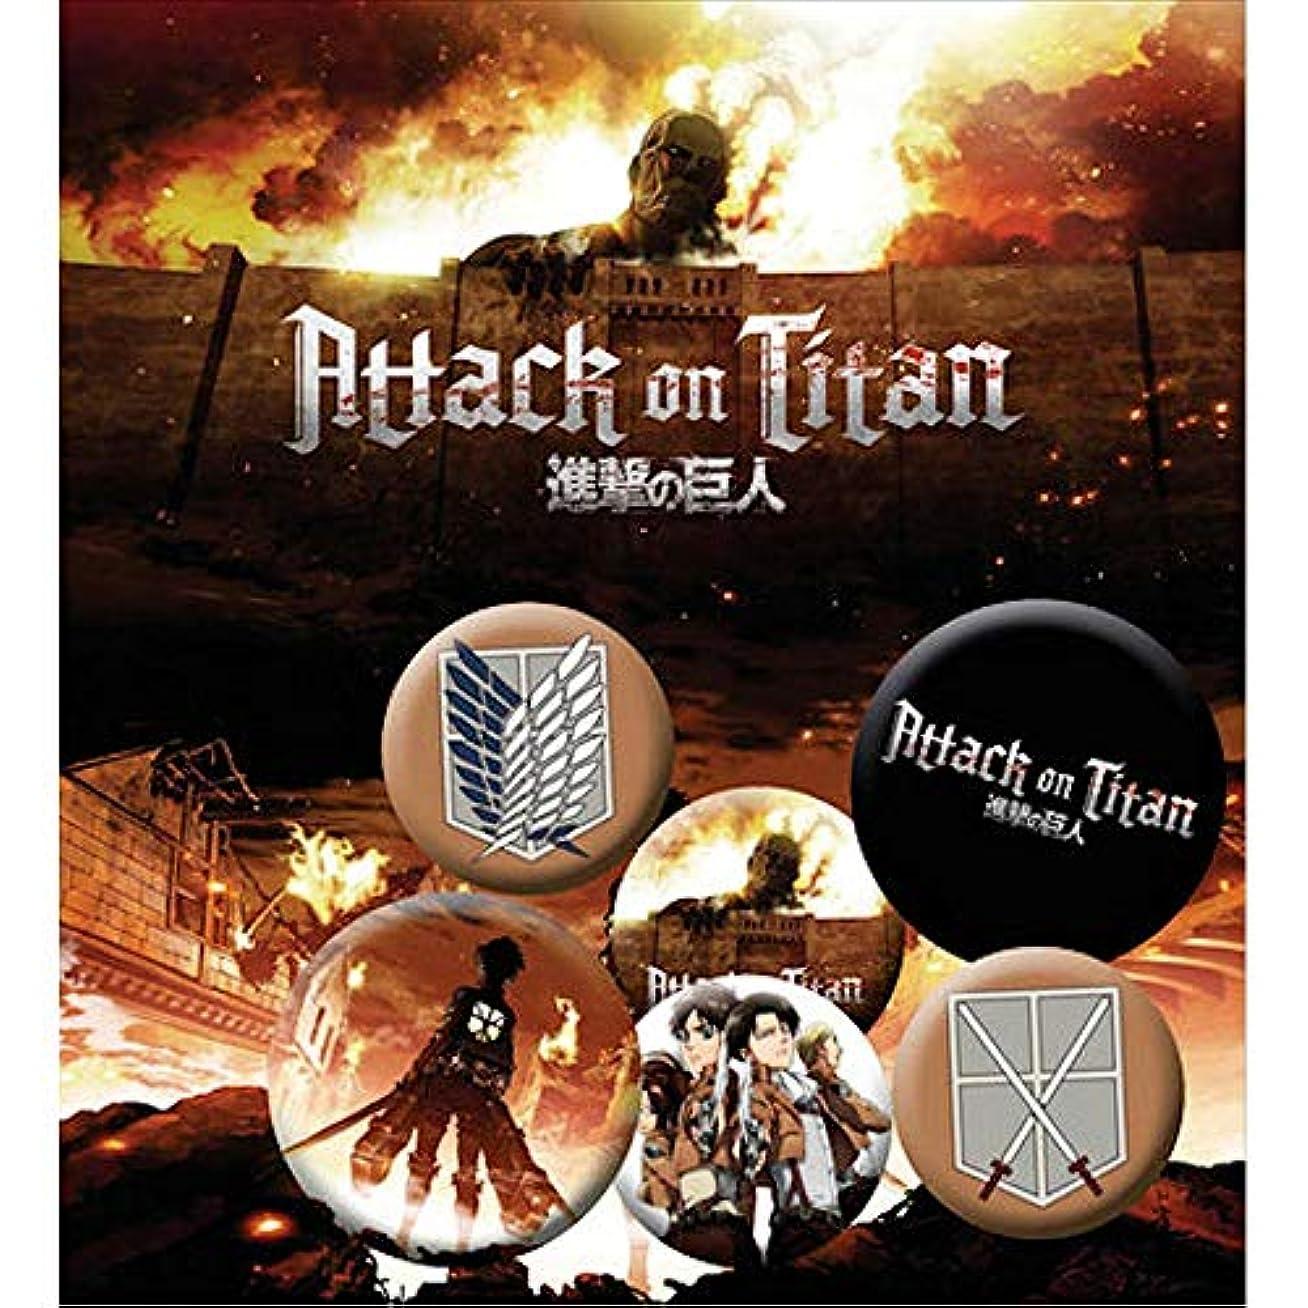 荒涼としたエミュレートする順応性ATTACK ON TITAN 進撃の巨人 - Characters 6個セット / バッジ 【公式/オフィシャル】